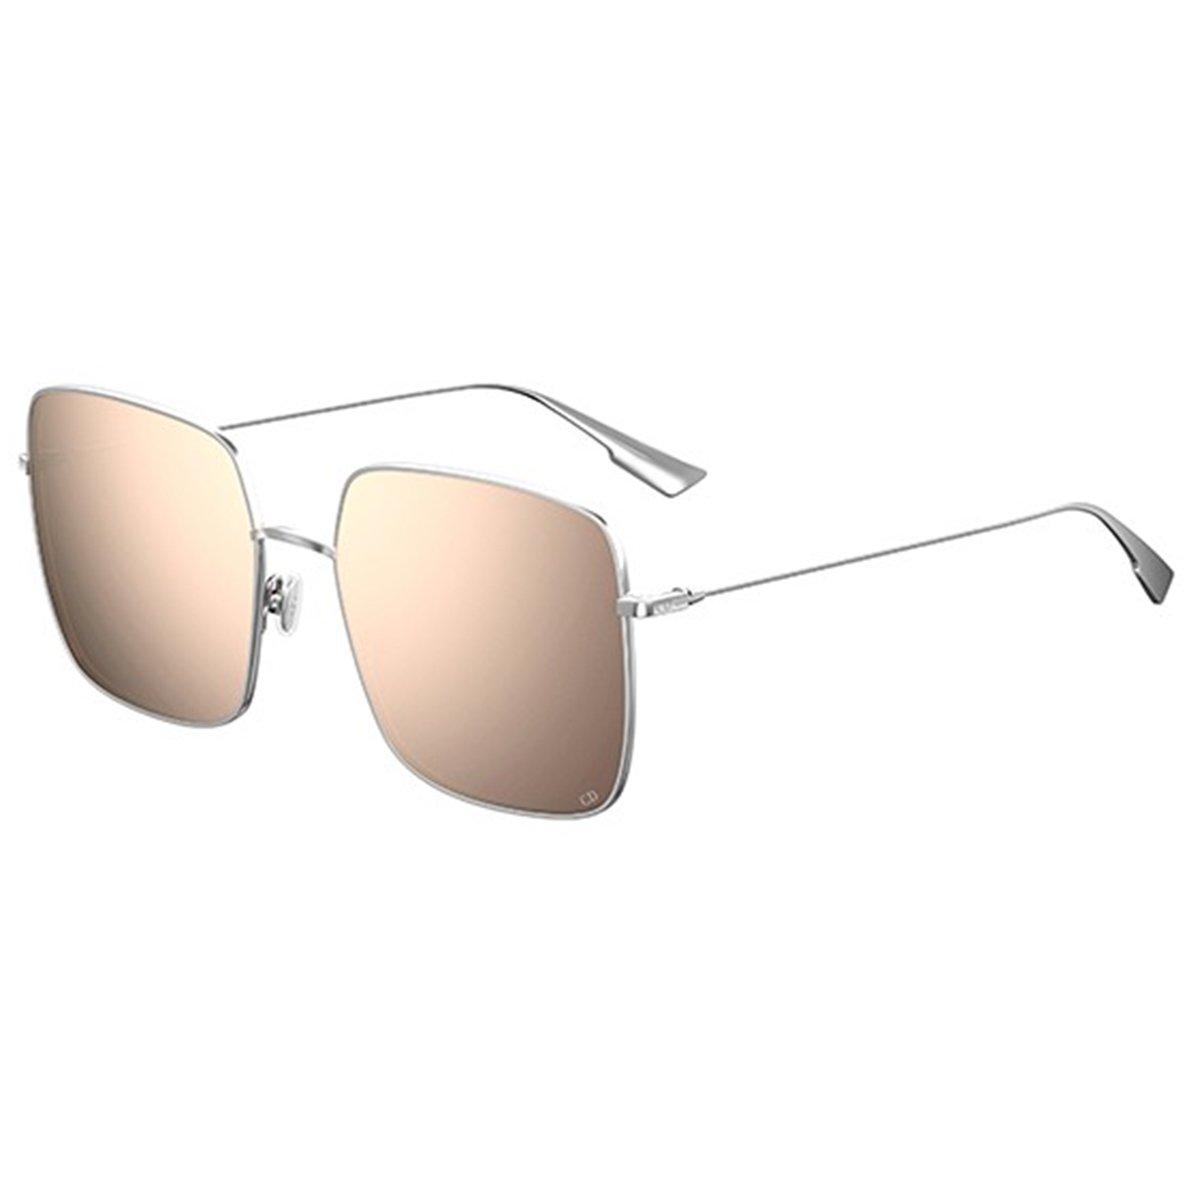 Compre Óculos de Sol Dior Stellaire 1 em 10X   Tri-Jóia Shop 93709afeda